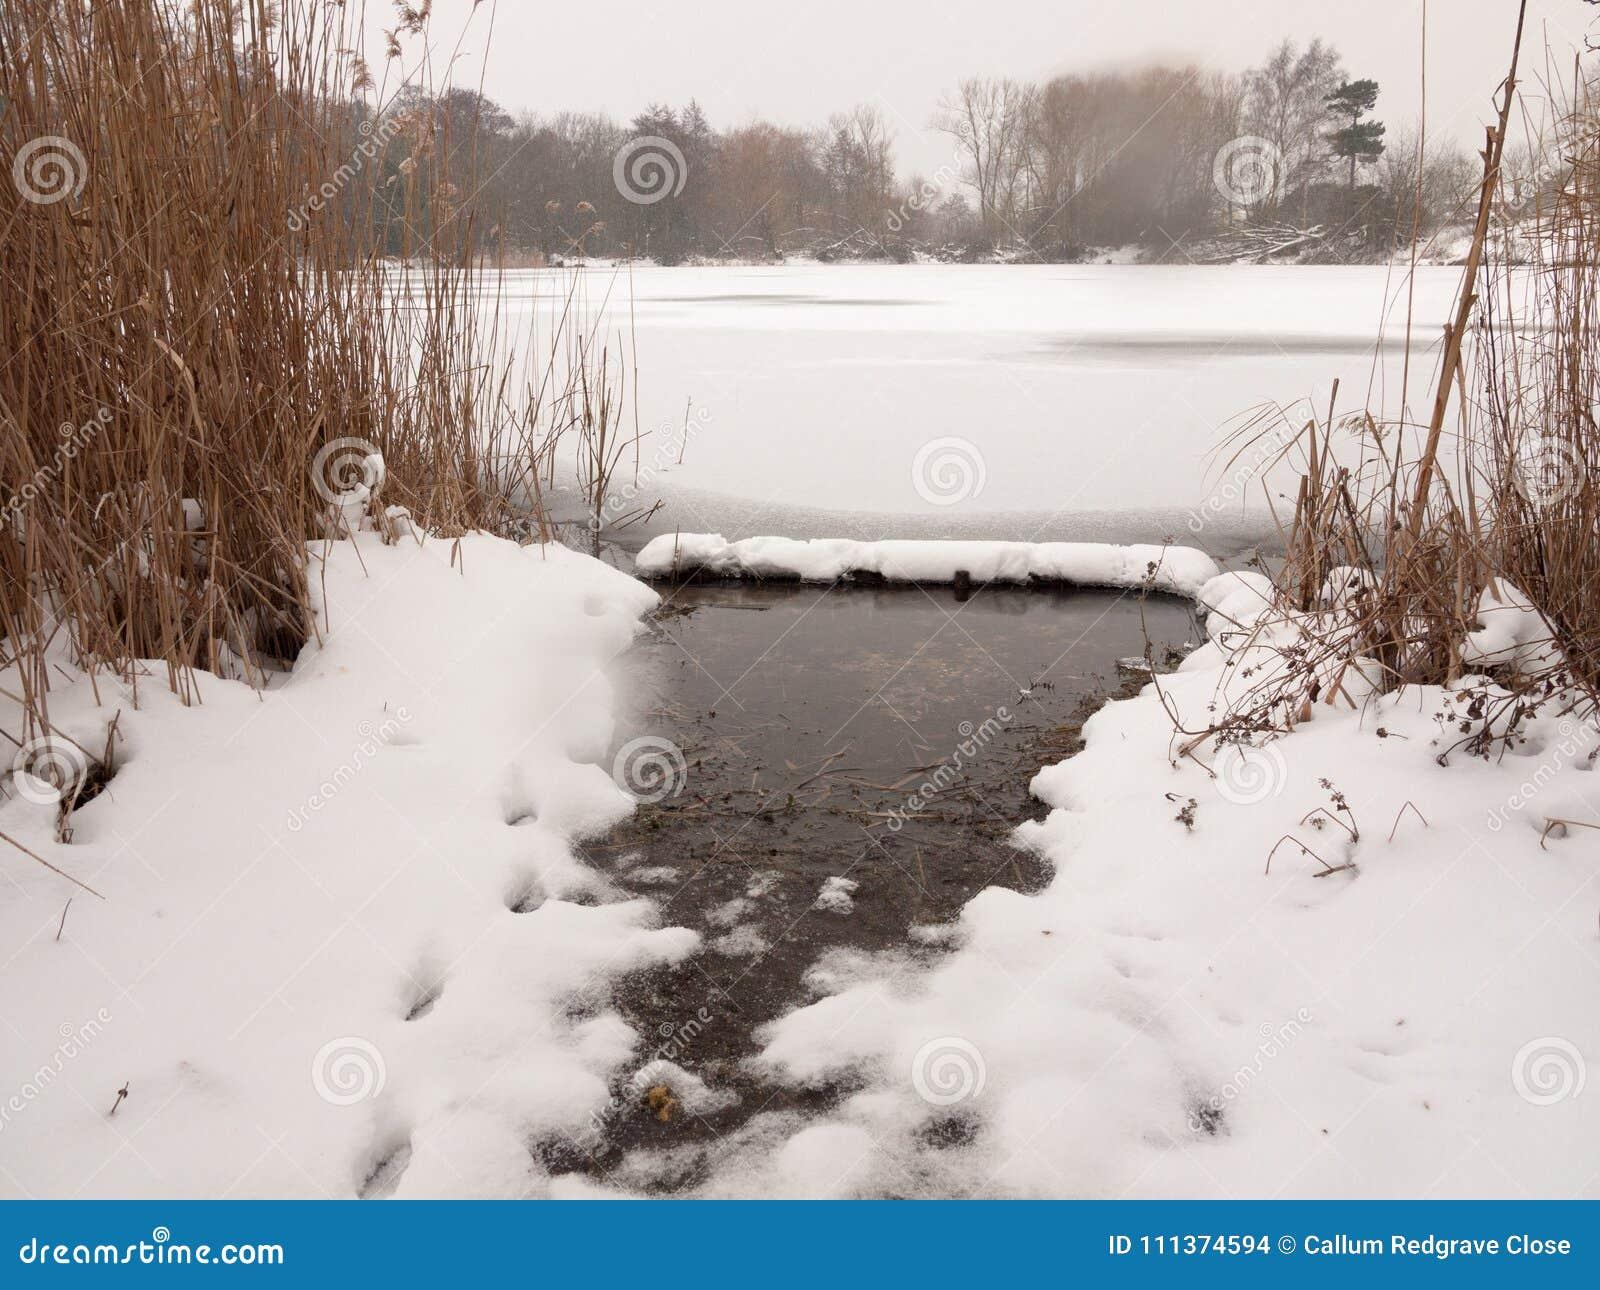 Gefrorene Seeoberflächenwinter-Schneebäume deckt Wasser mit Schilf